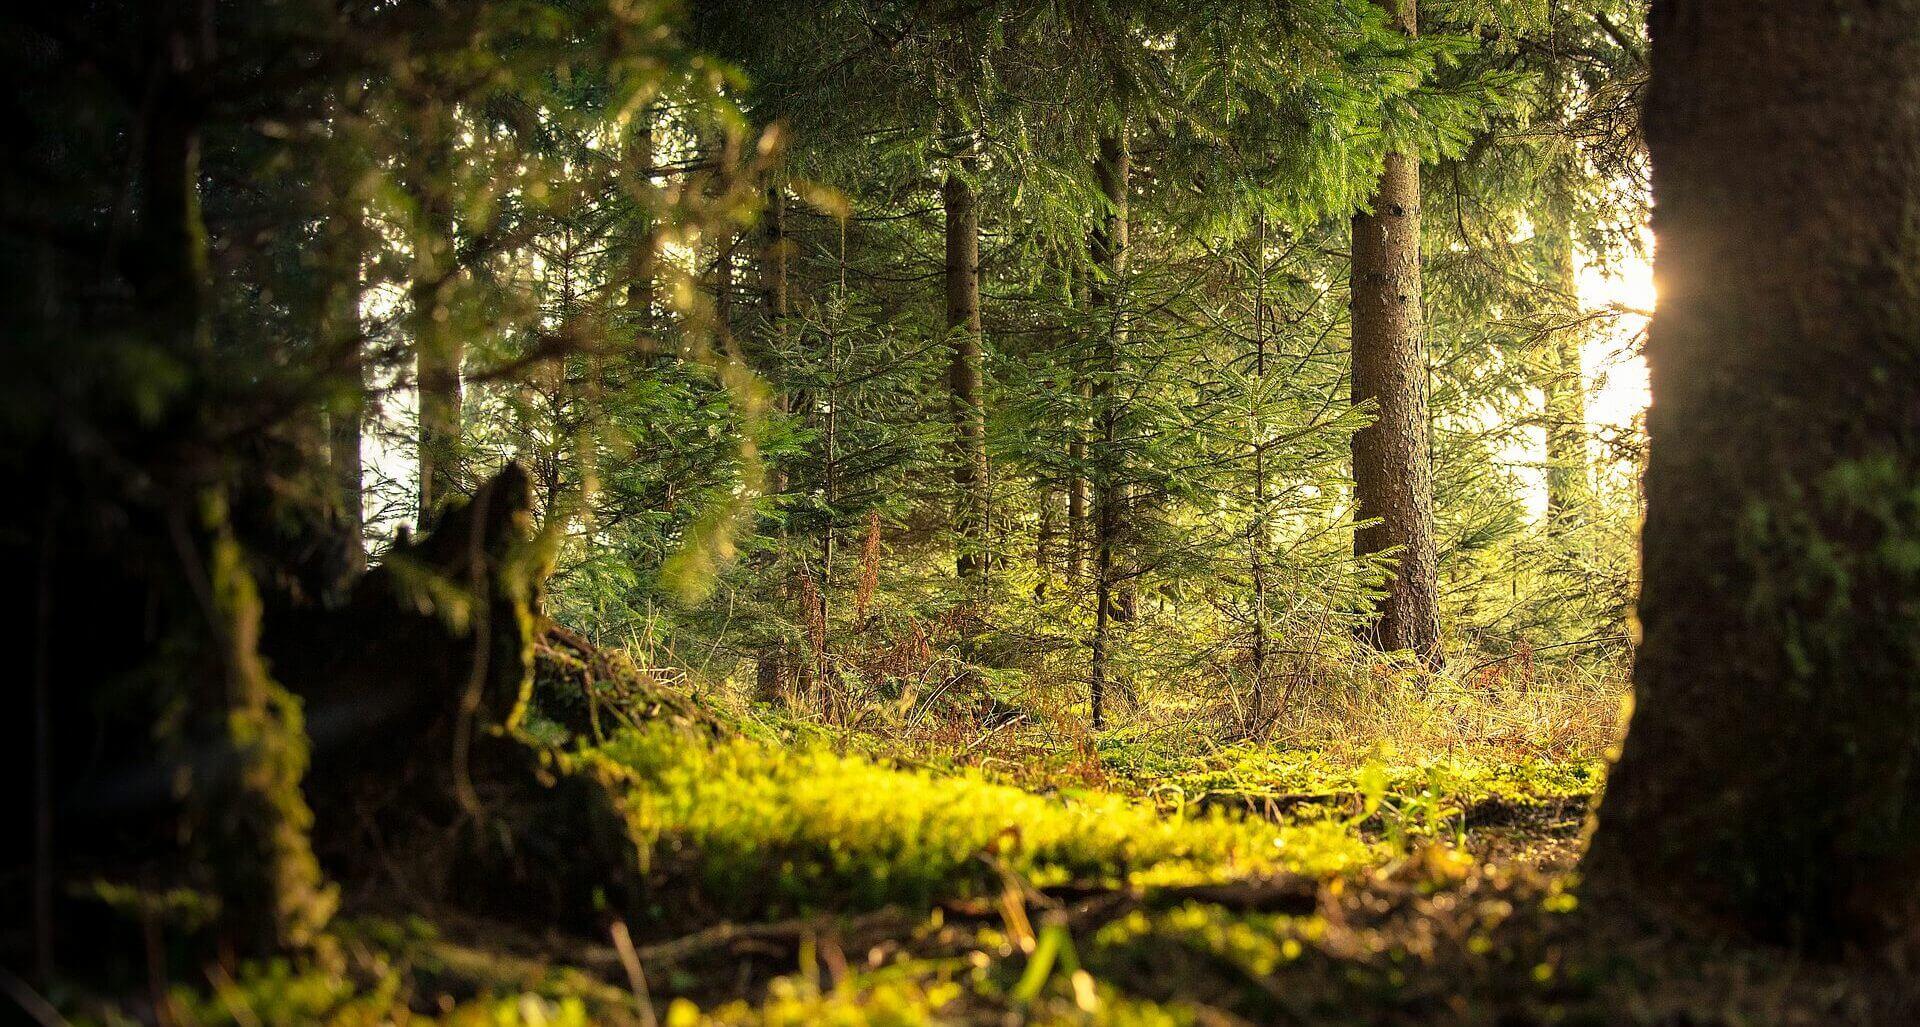 Stimmungsbild in goldenem Wald im Vordergrund Waldmoos wie es natürlich wächst.